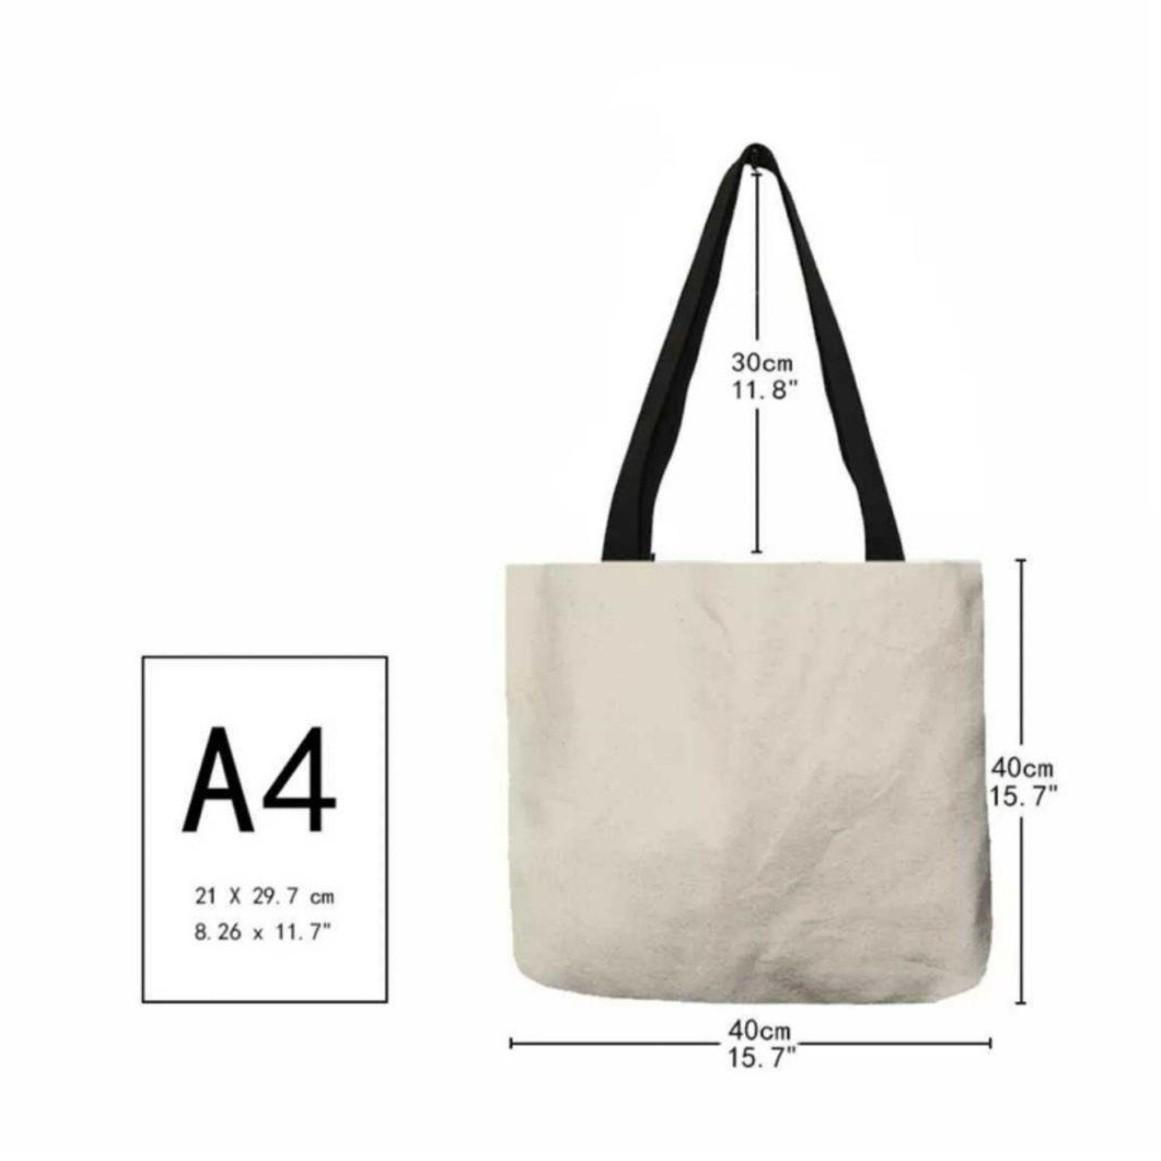 トートバッグ エコバッグ ショッピングバッグ キャンバスバッグ マザーズバッグ ショルダーバッグ ねこ ネコ 猫 バッグ bag